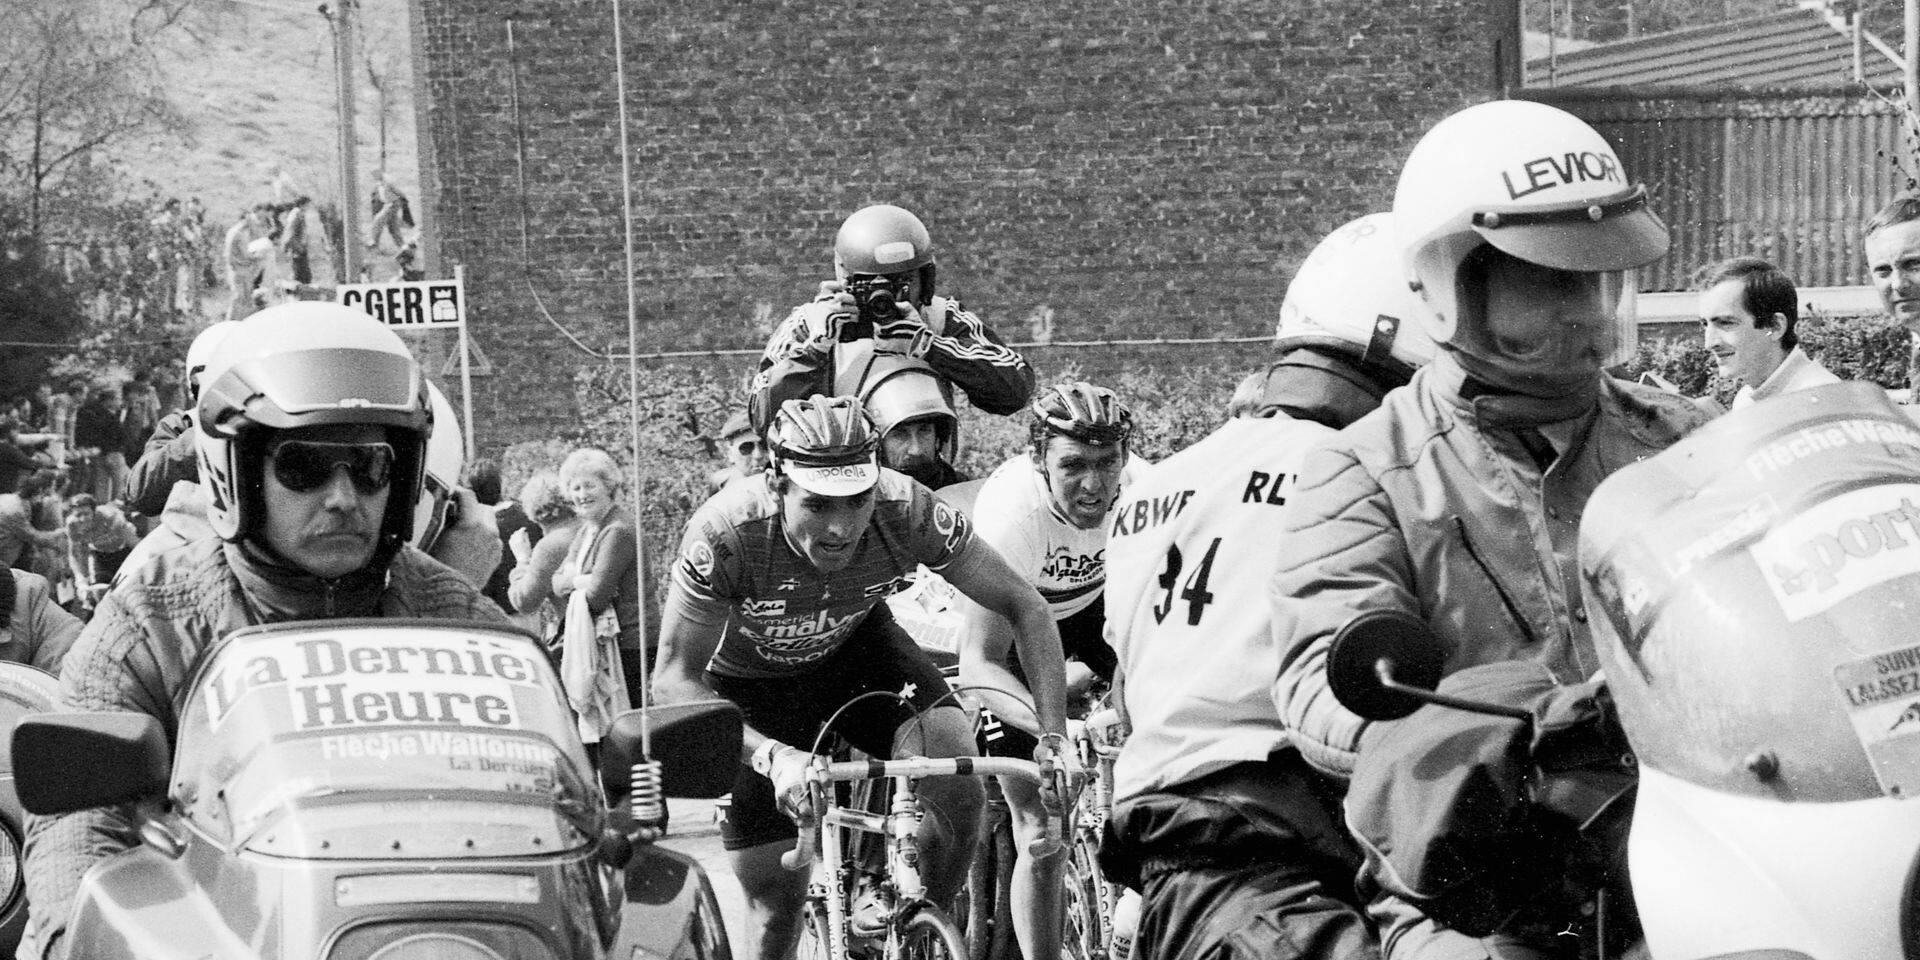 Les classiques dans le rétro, la Flèche Wallonne 1985: Claudy Criquielion, un arc-en-ciel sur la Wallonie